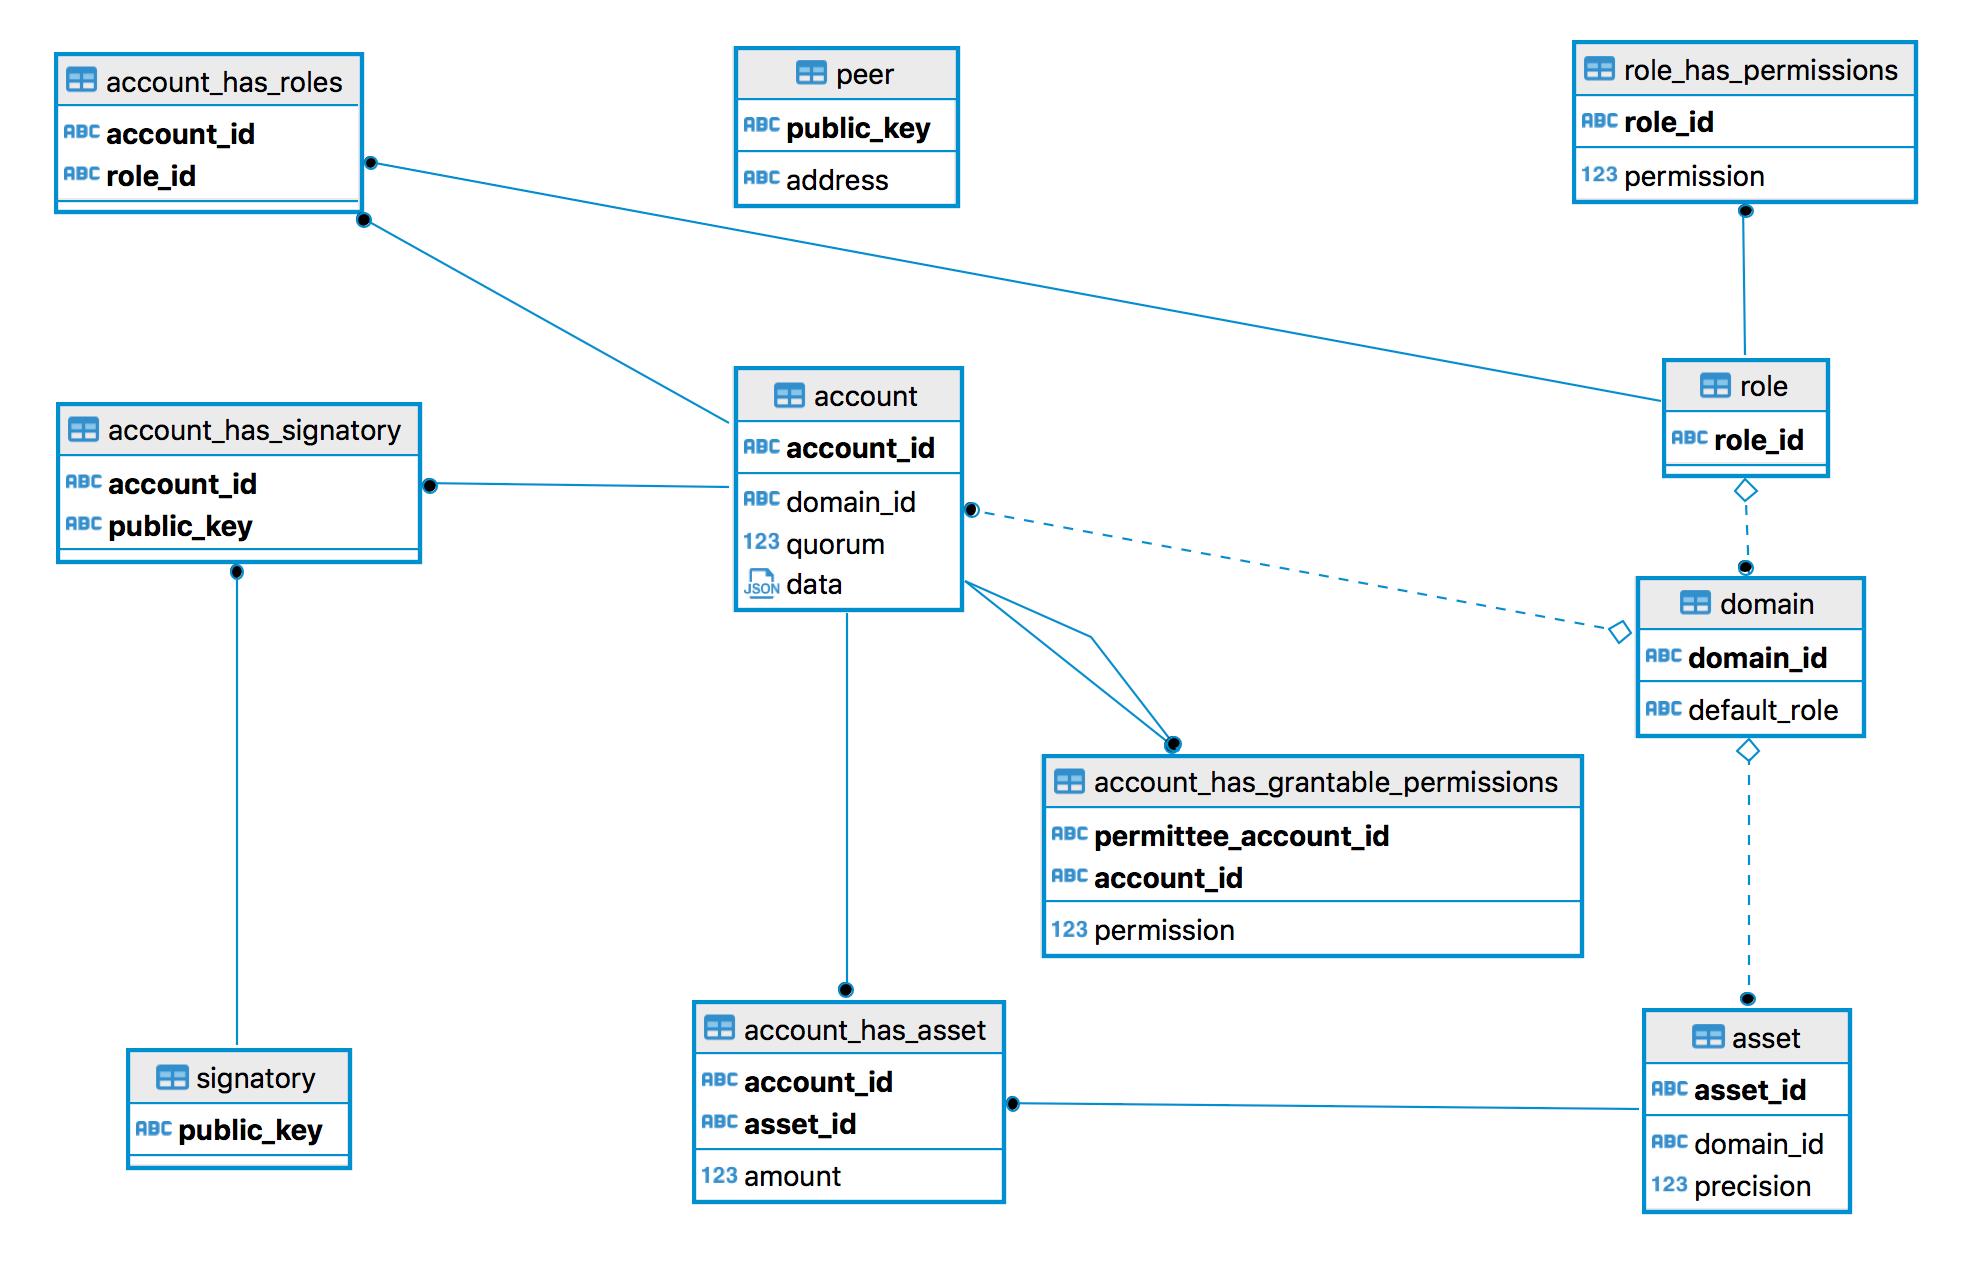 2.1.19. Entity-Relationship Model — Hyperledger Iroha intended for Er Diagram Domain